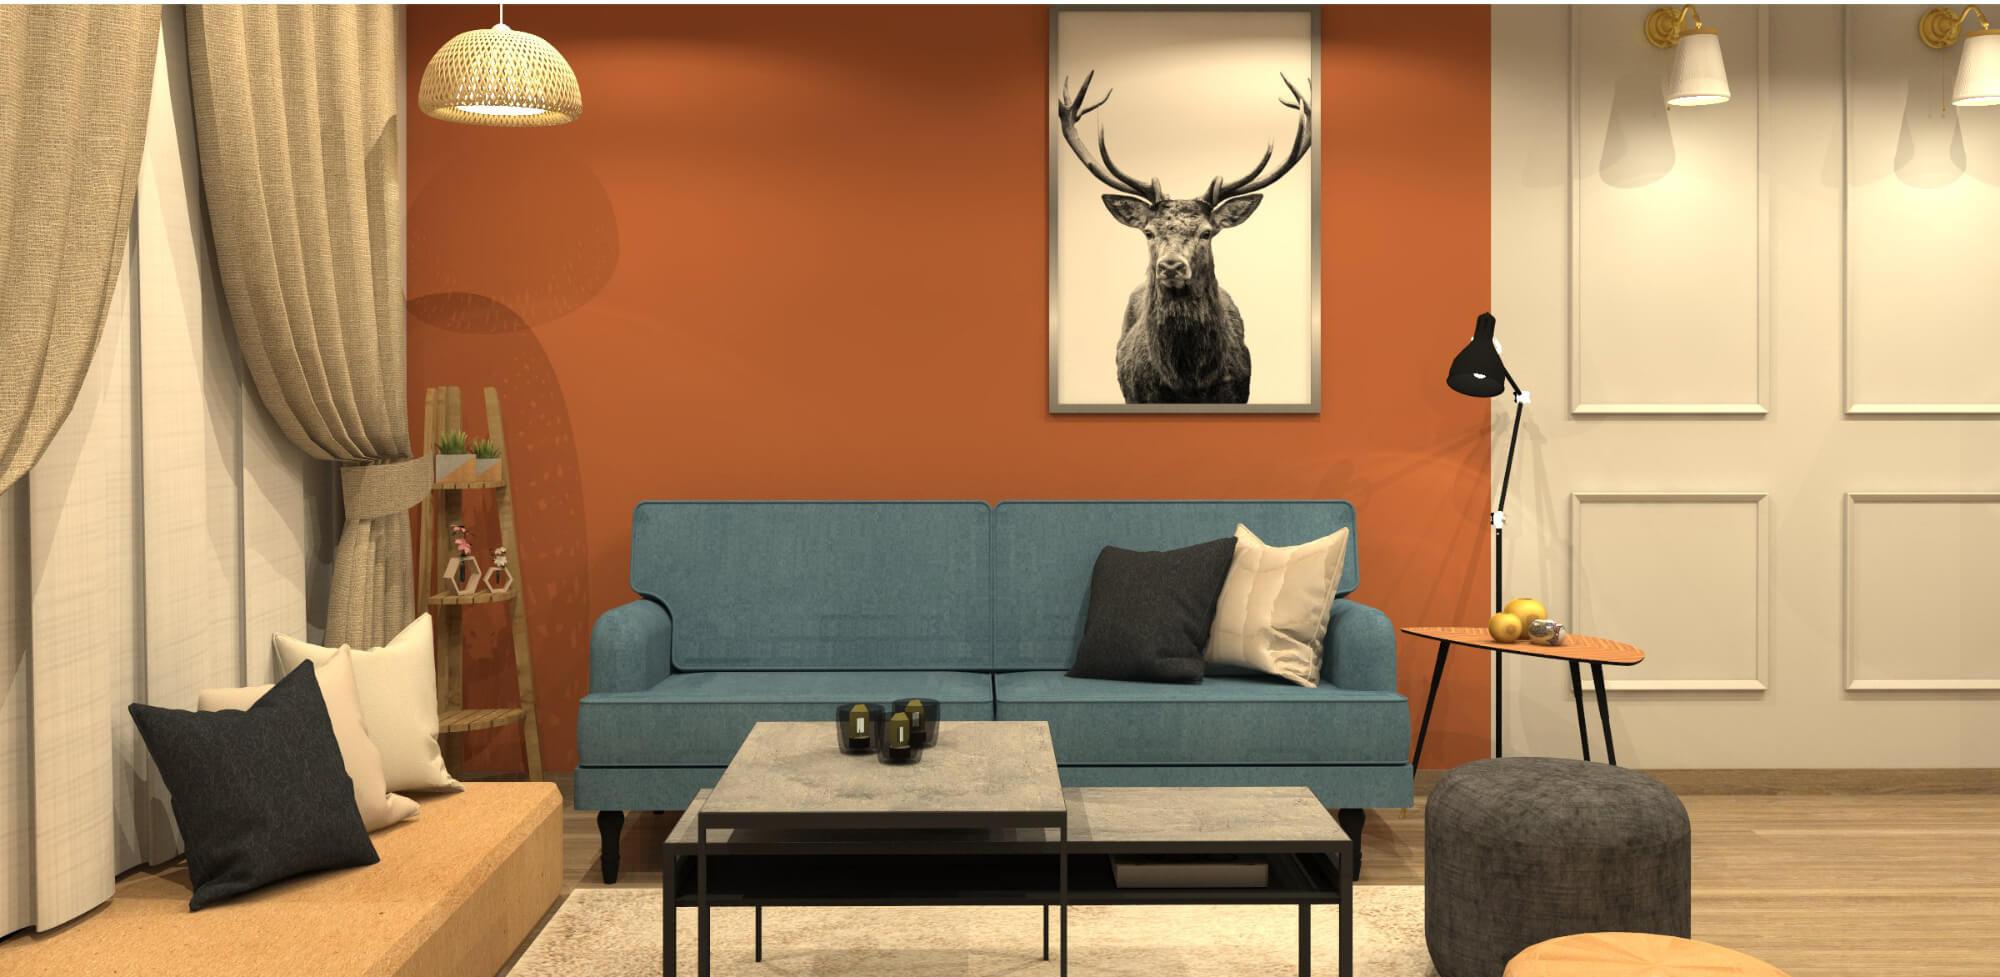 Cityside Apartment - Sahiba's Designer Studio - Best Interior Designer In Jaipur - Project